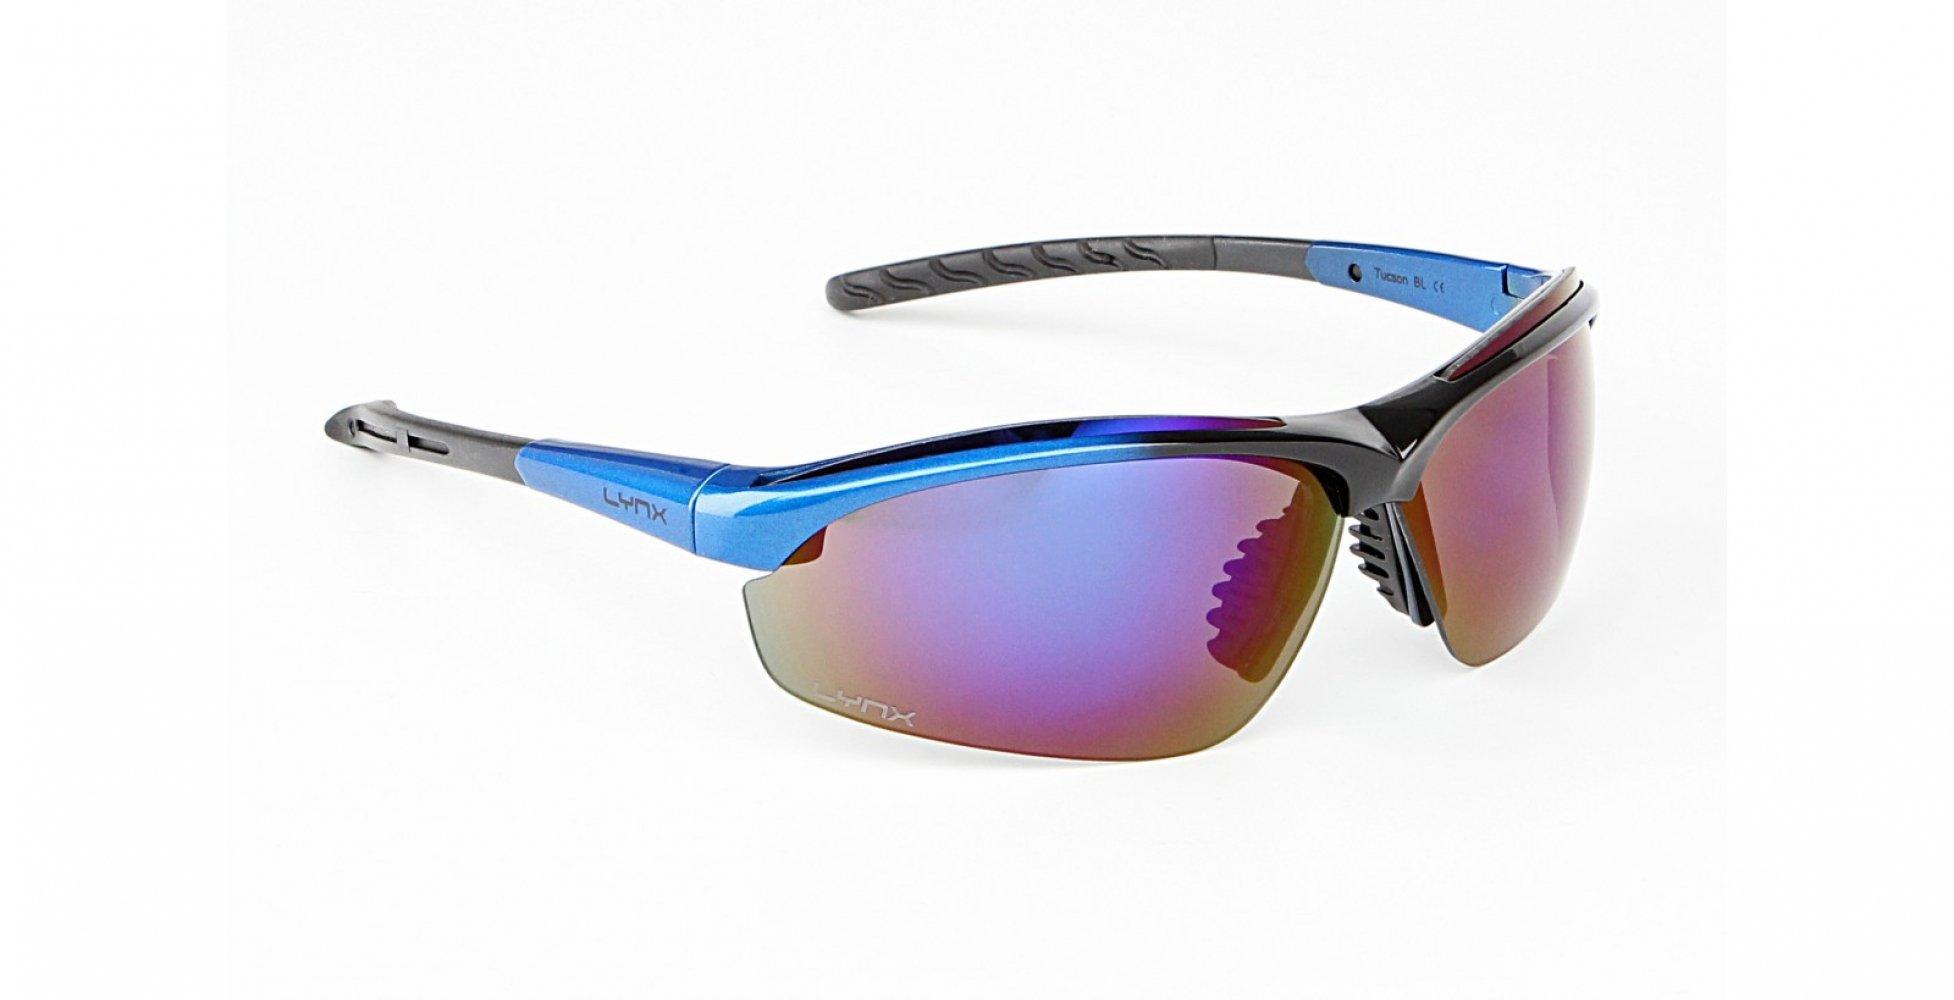 Eyeglass Frames Tucson Az : ???? LYNX Tucson shiny blue middle ?????? ? ??????? ...